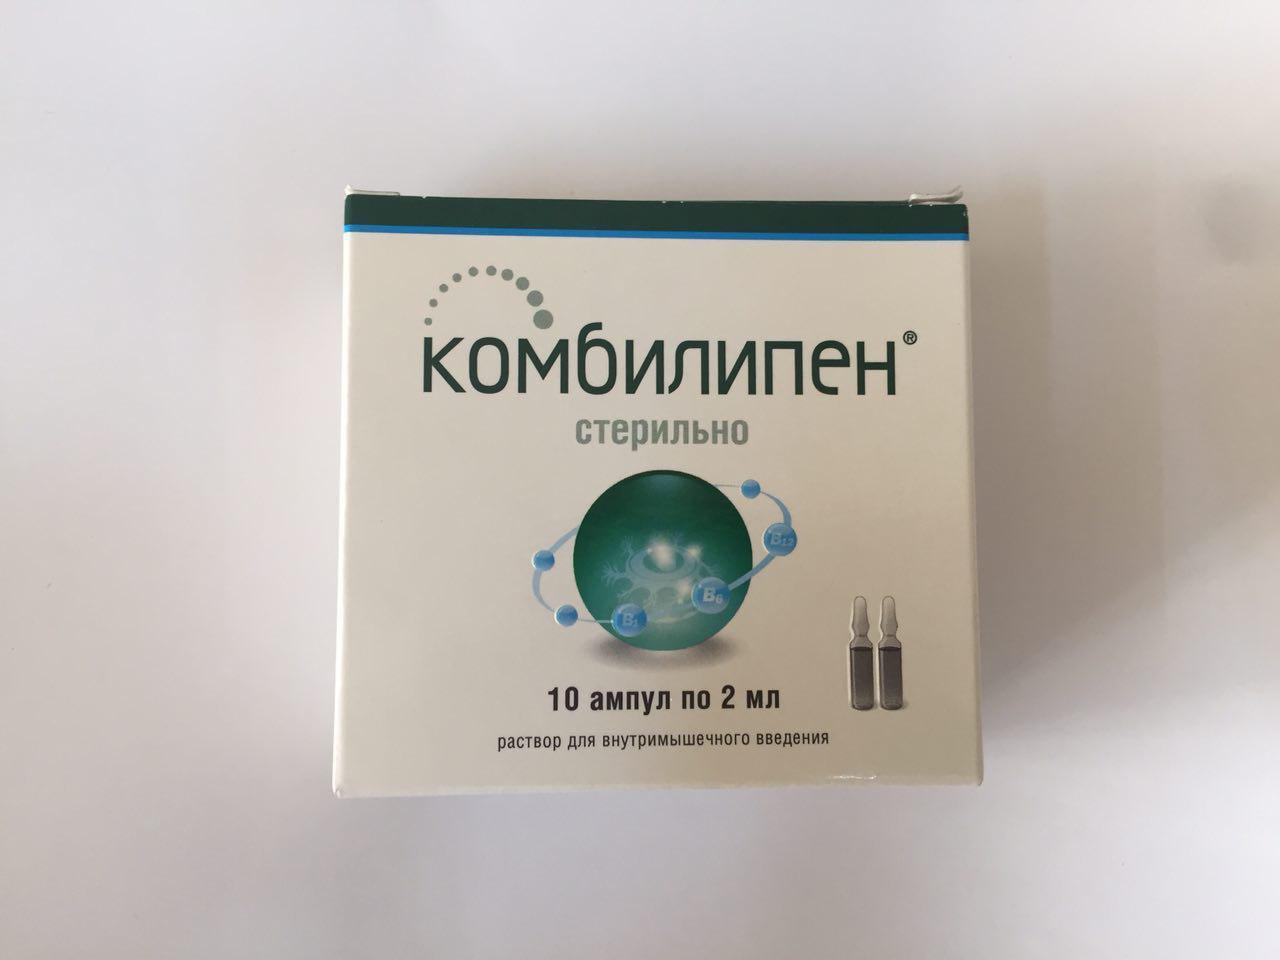 комбилипен